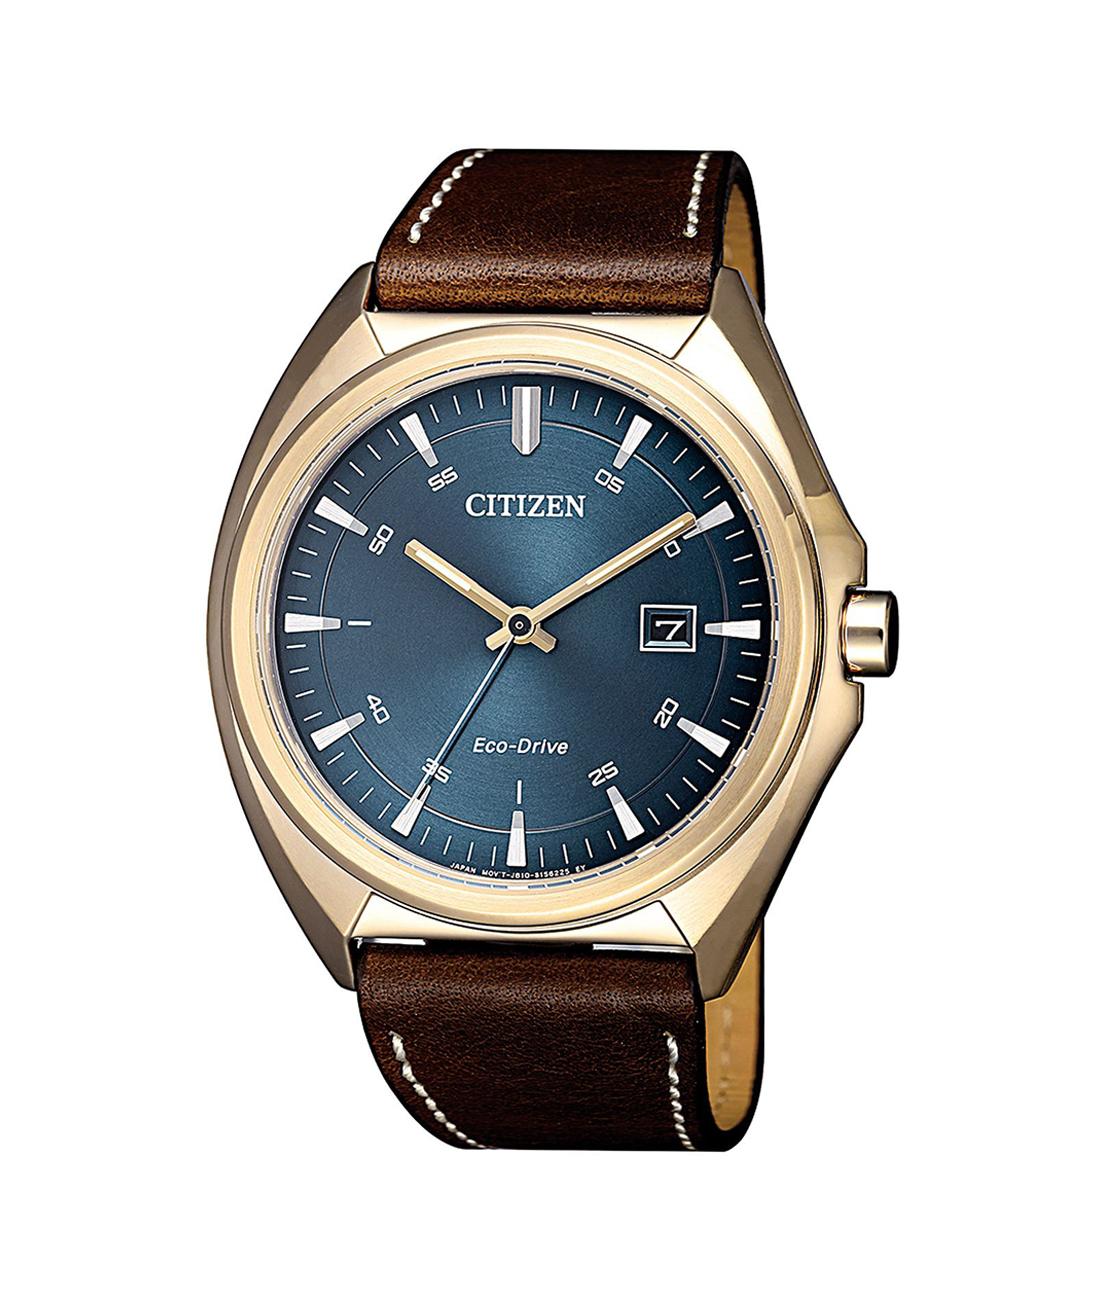 Zegarek Citizen Eco-Drive AW1573-11L w atrakcyjnej cenie ... 9e53813016